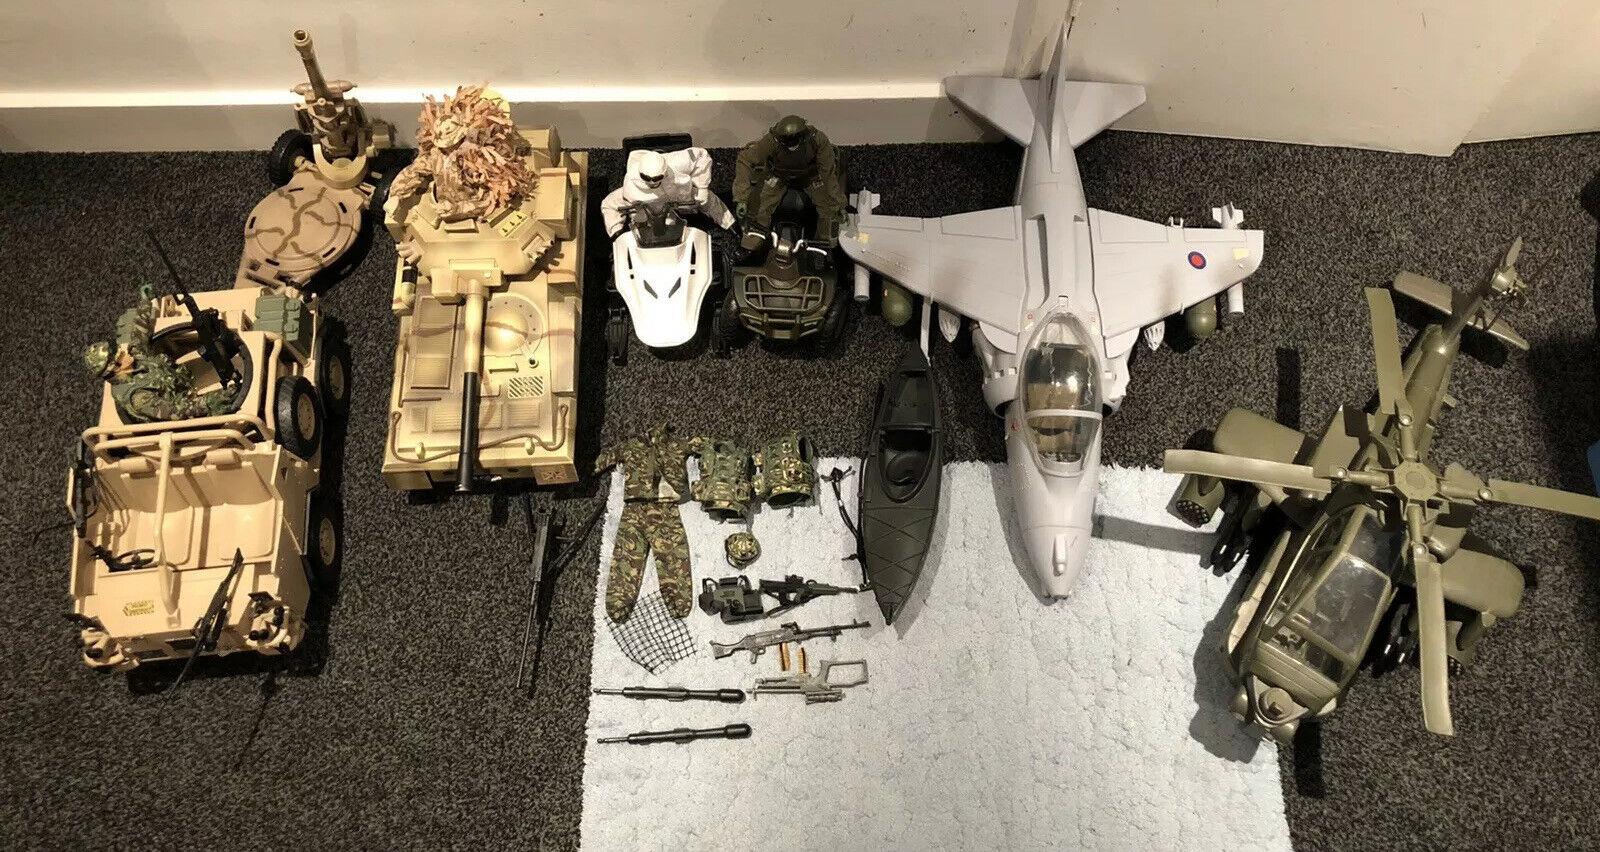 HM väpnade styrkor Toy Action Figurer Bundle Helikopter Fighter Plane Tank Quad Gun